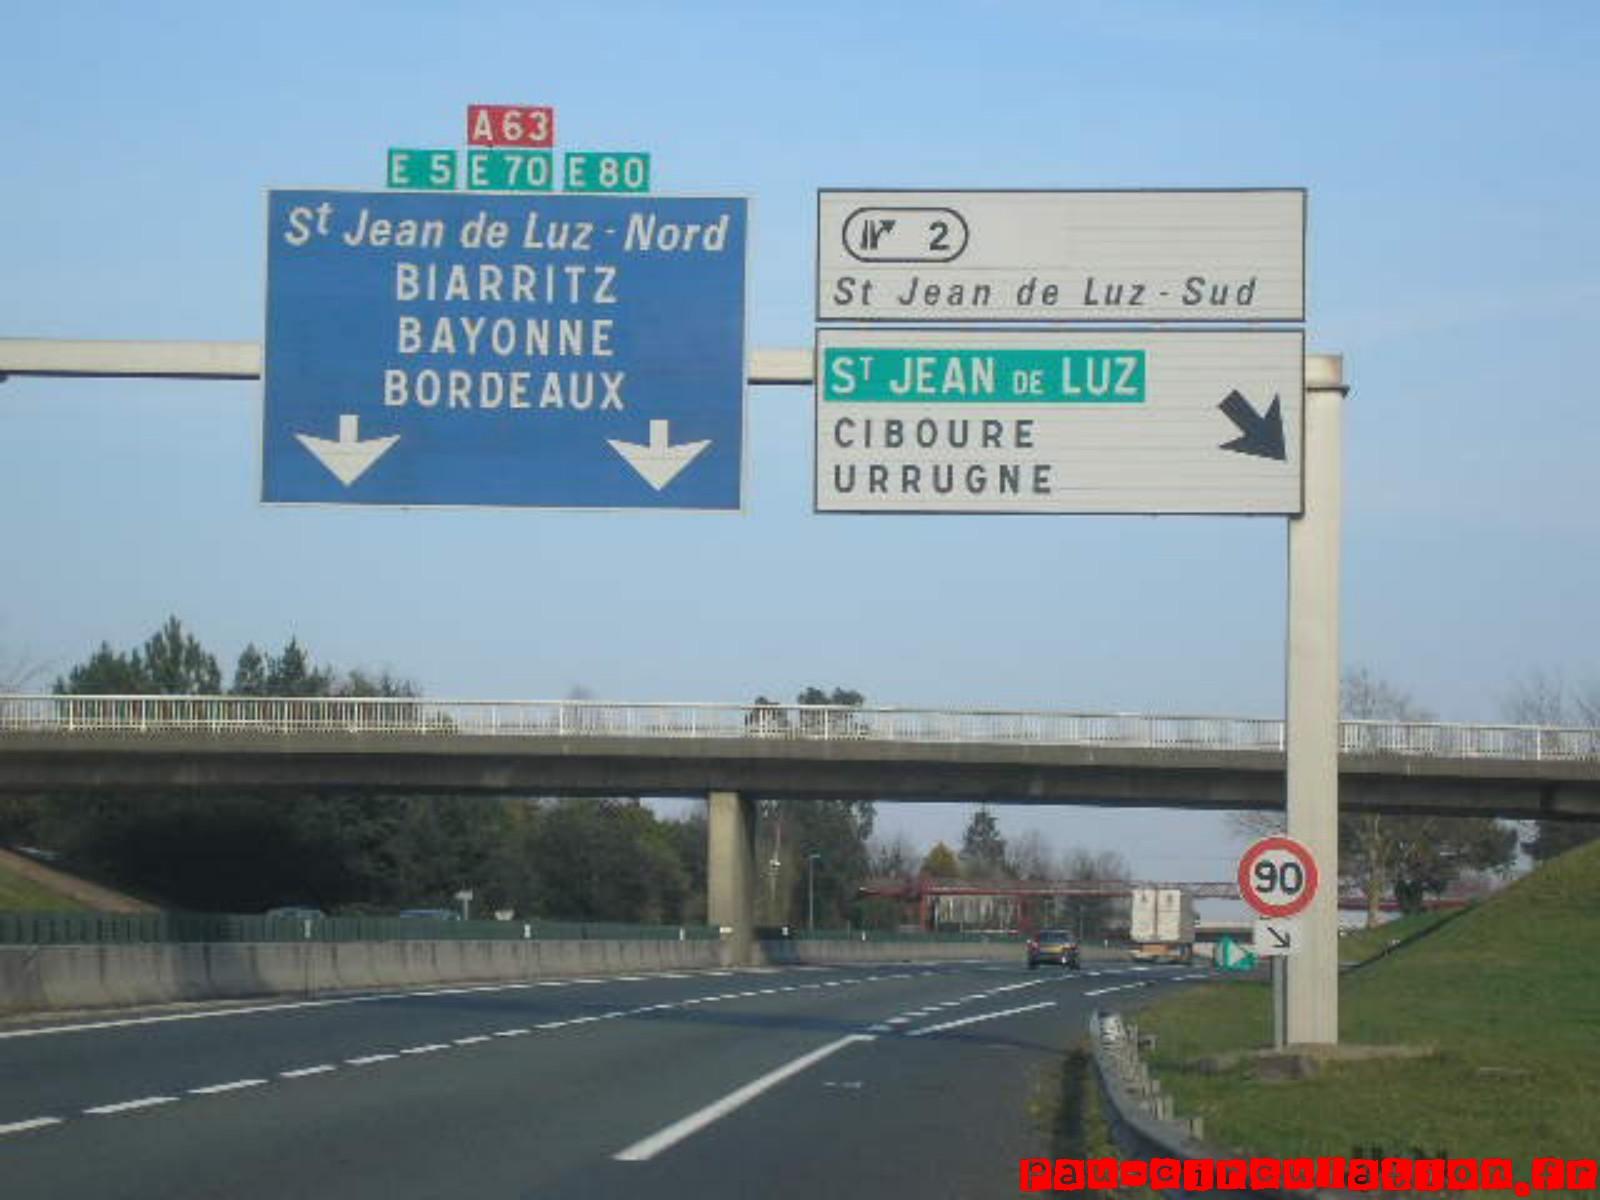 A63: Menaces pour la portion gratuite de délestage entre Saint Jean de Luz nord et sud